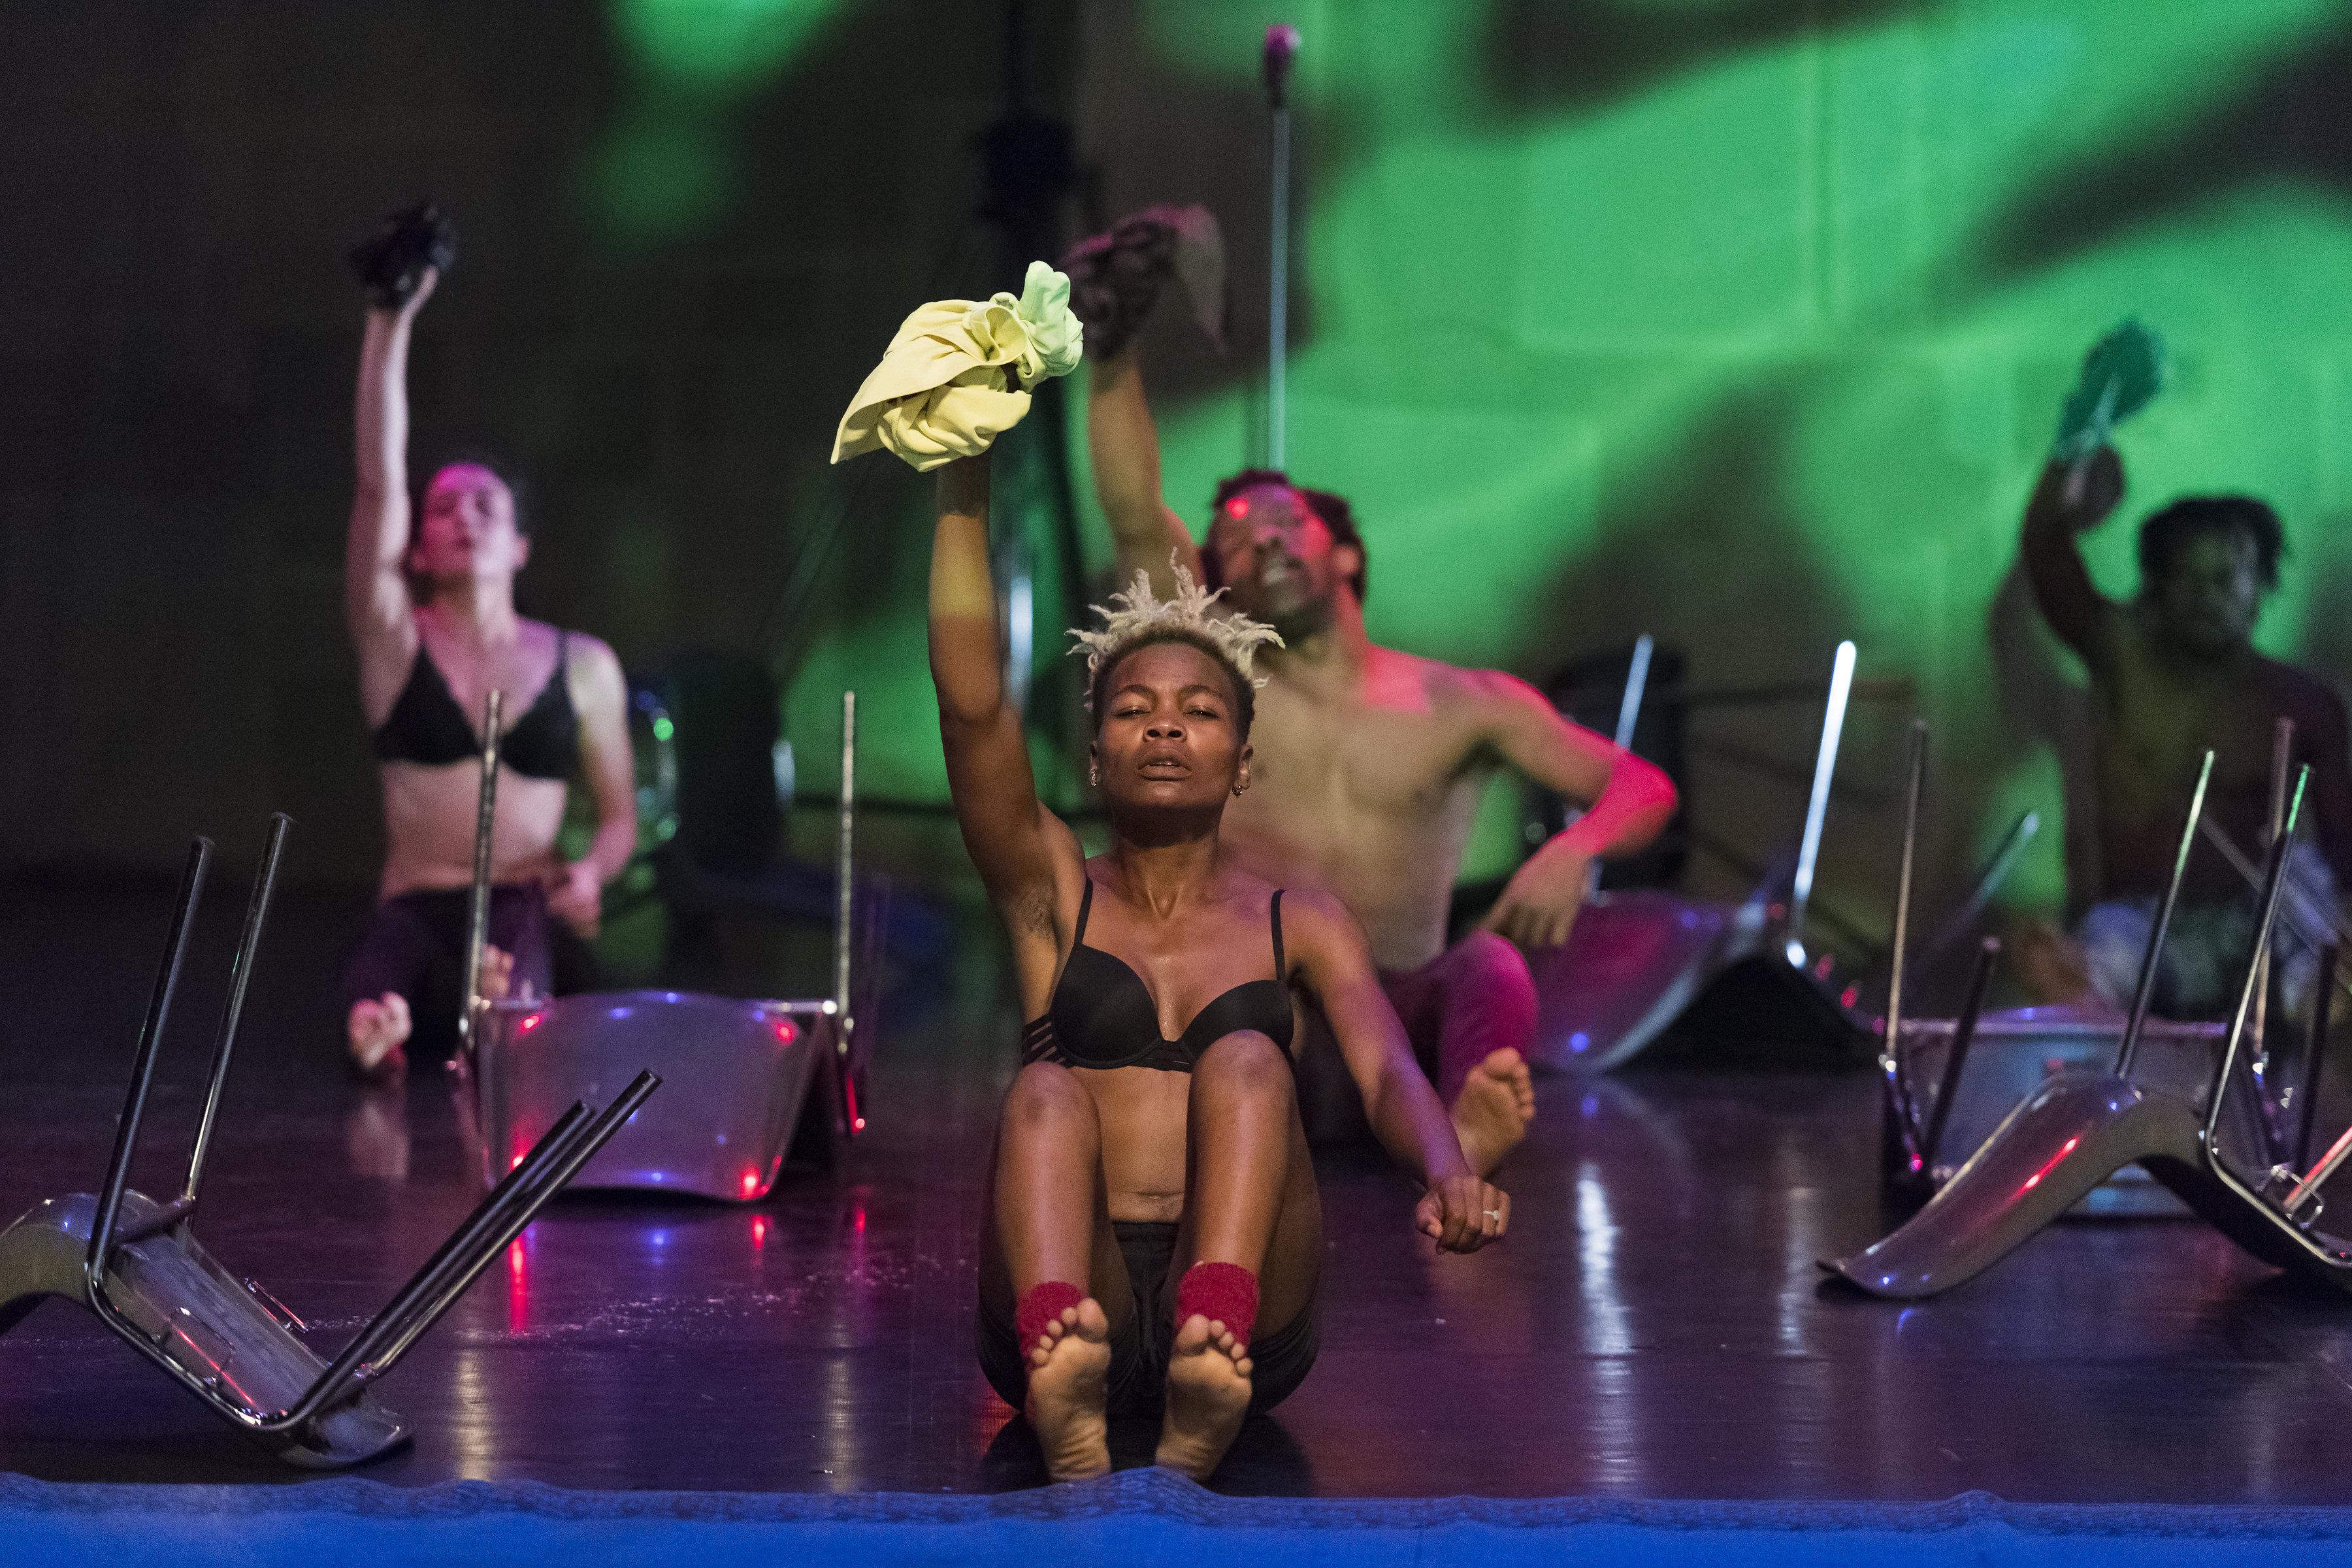 Faso Danse Théâtre & Halles de Schaerbeek/Serge Aimé Coulibaly, Kalakuta Republik; Antonia Naouele, Ensemble. Image credit: Doune Photo